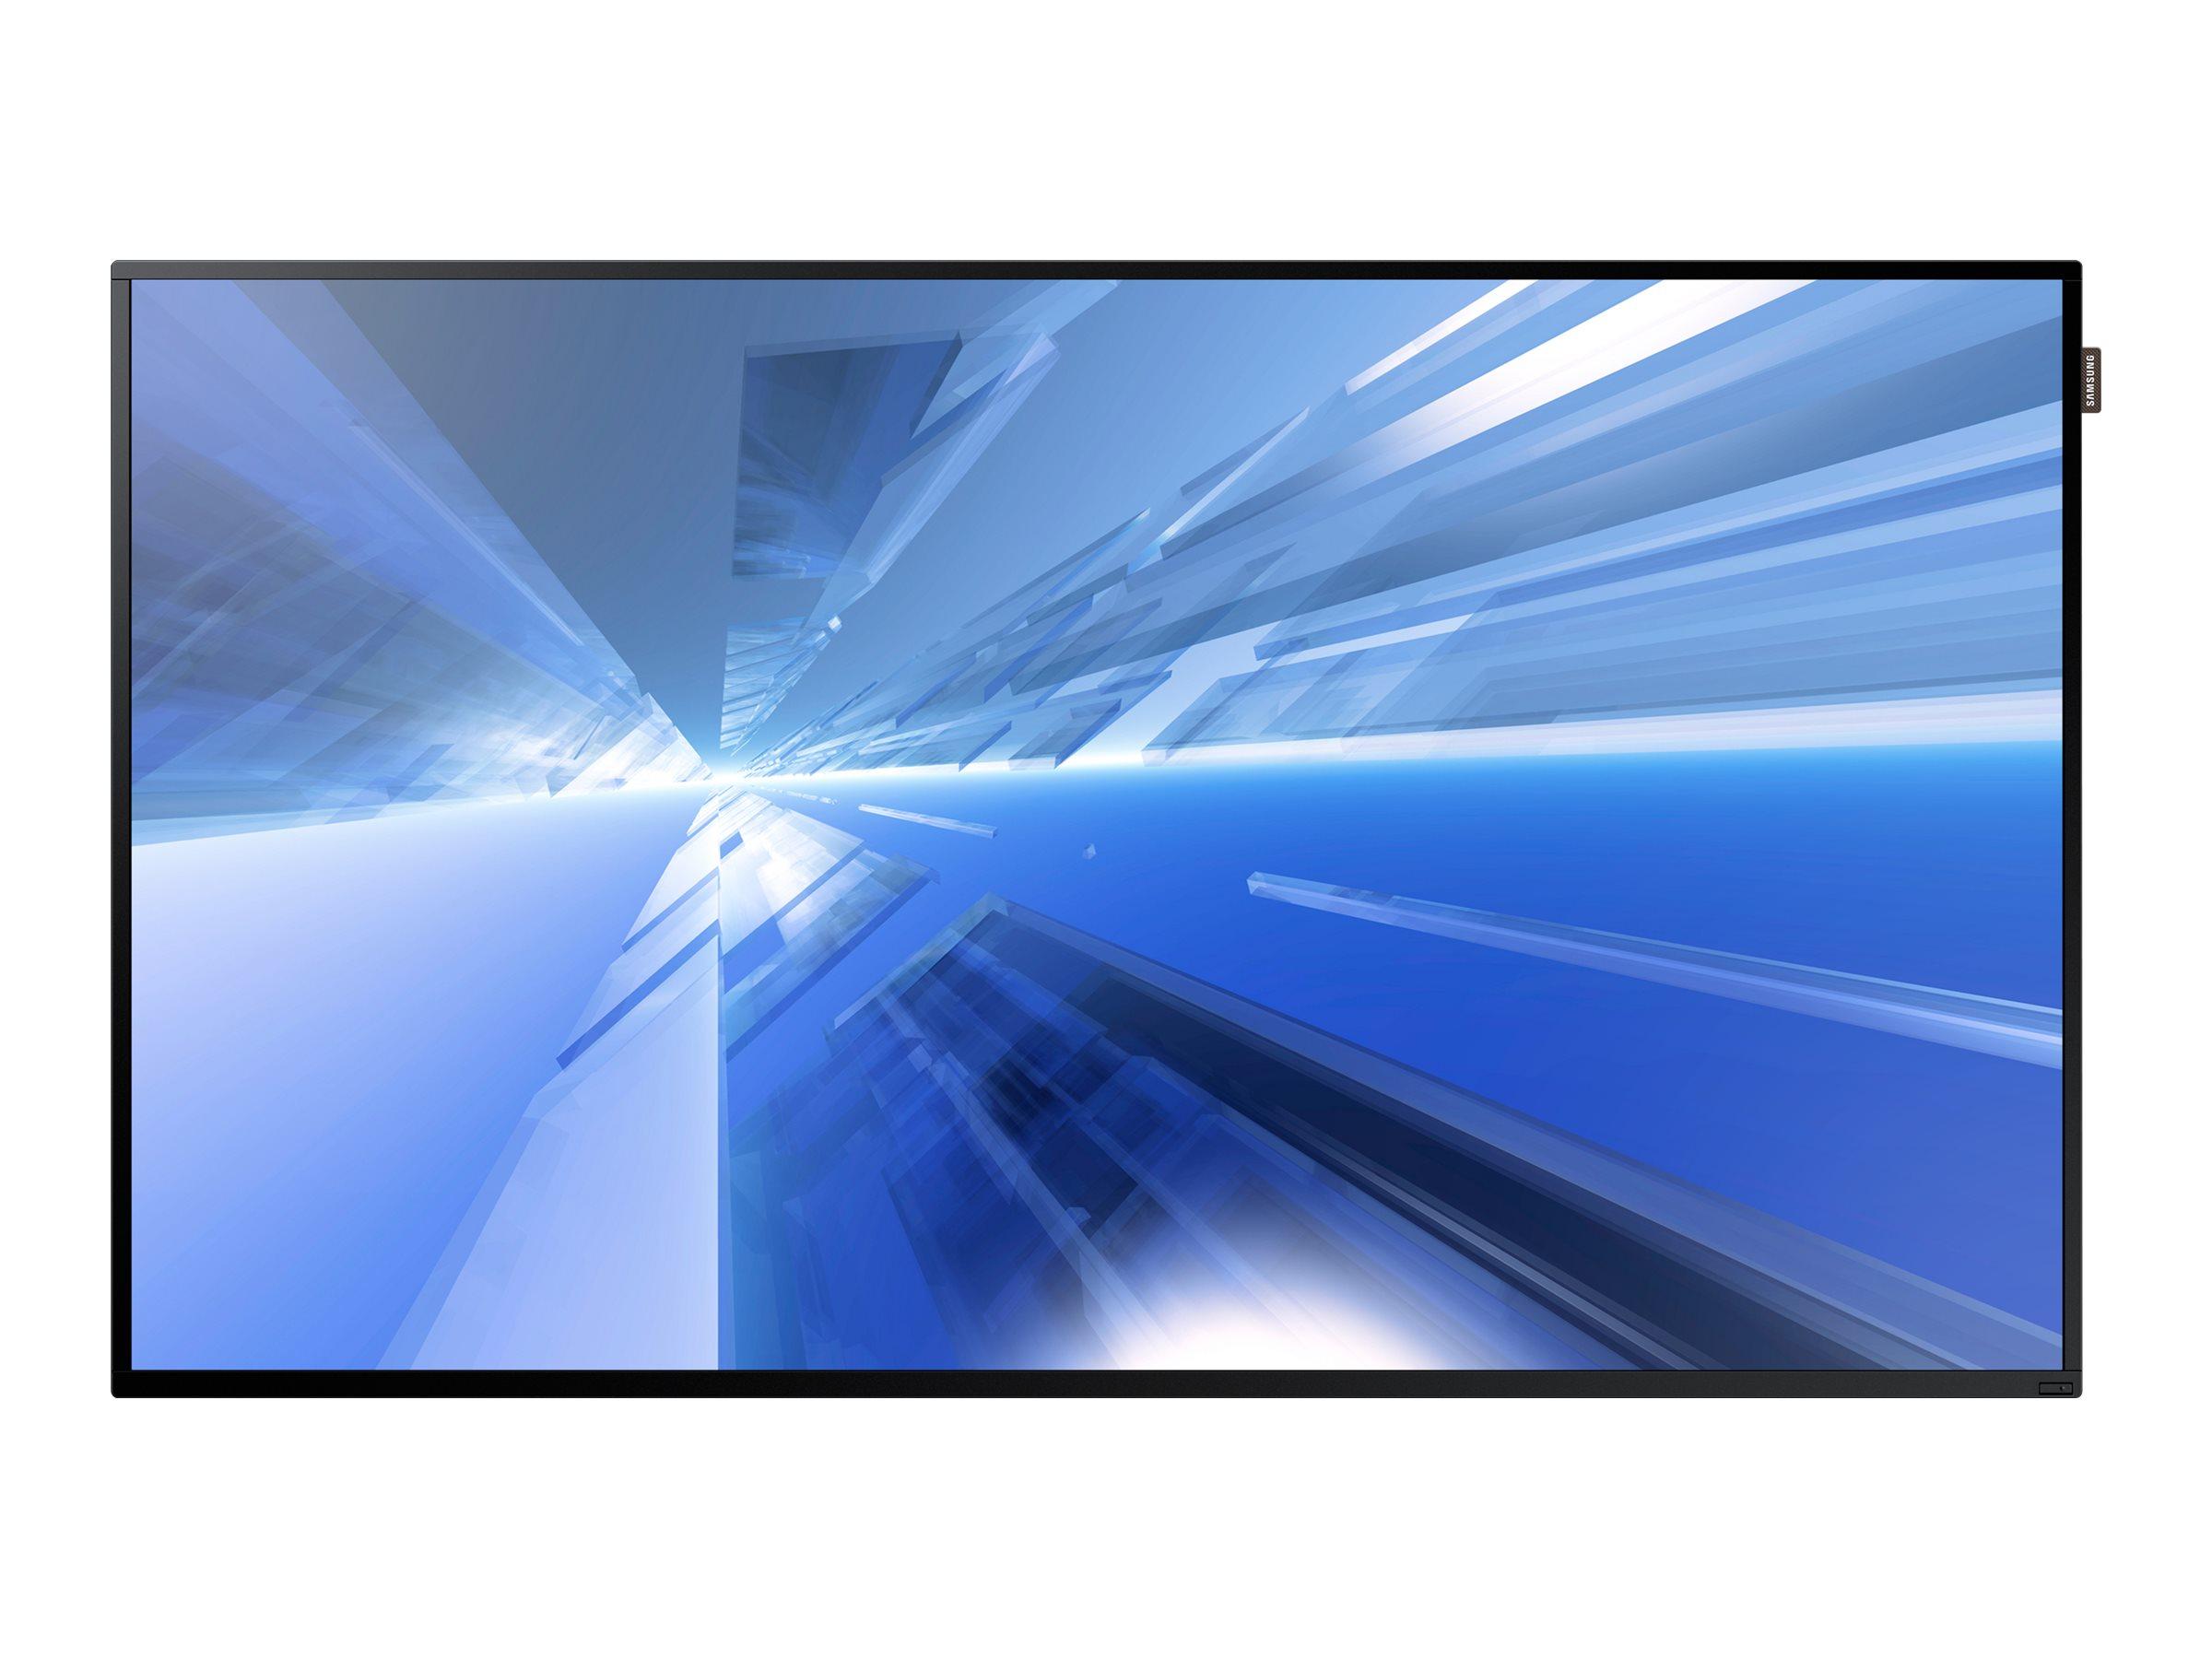 Samsung 55 DM-E Full HD LED-LCD Display, Black, DM55E, 22251476, Monitors - Large Format